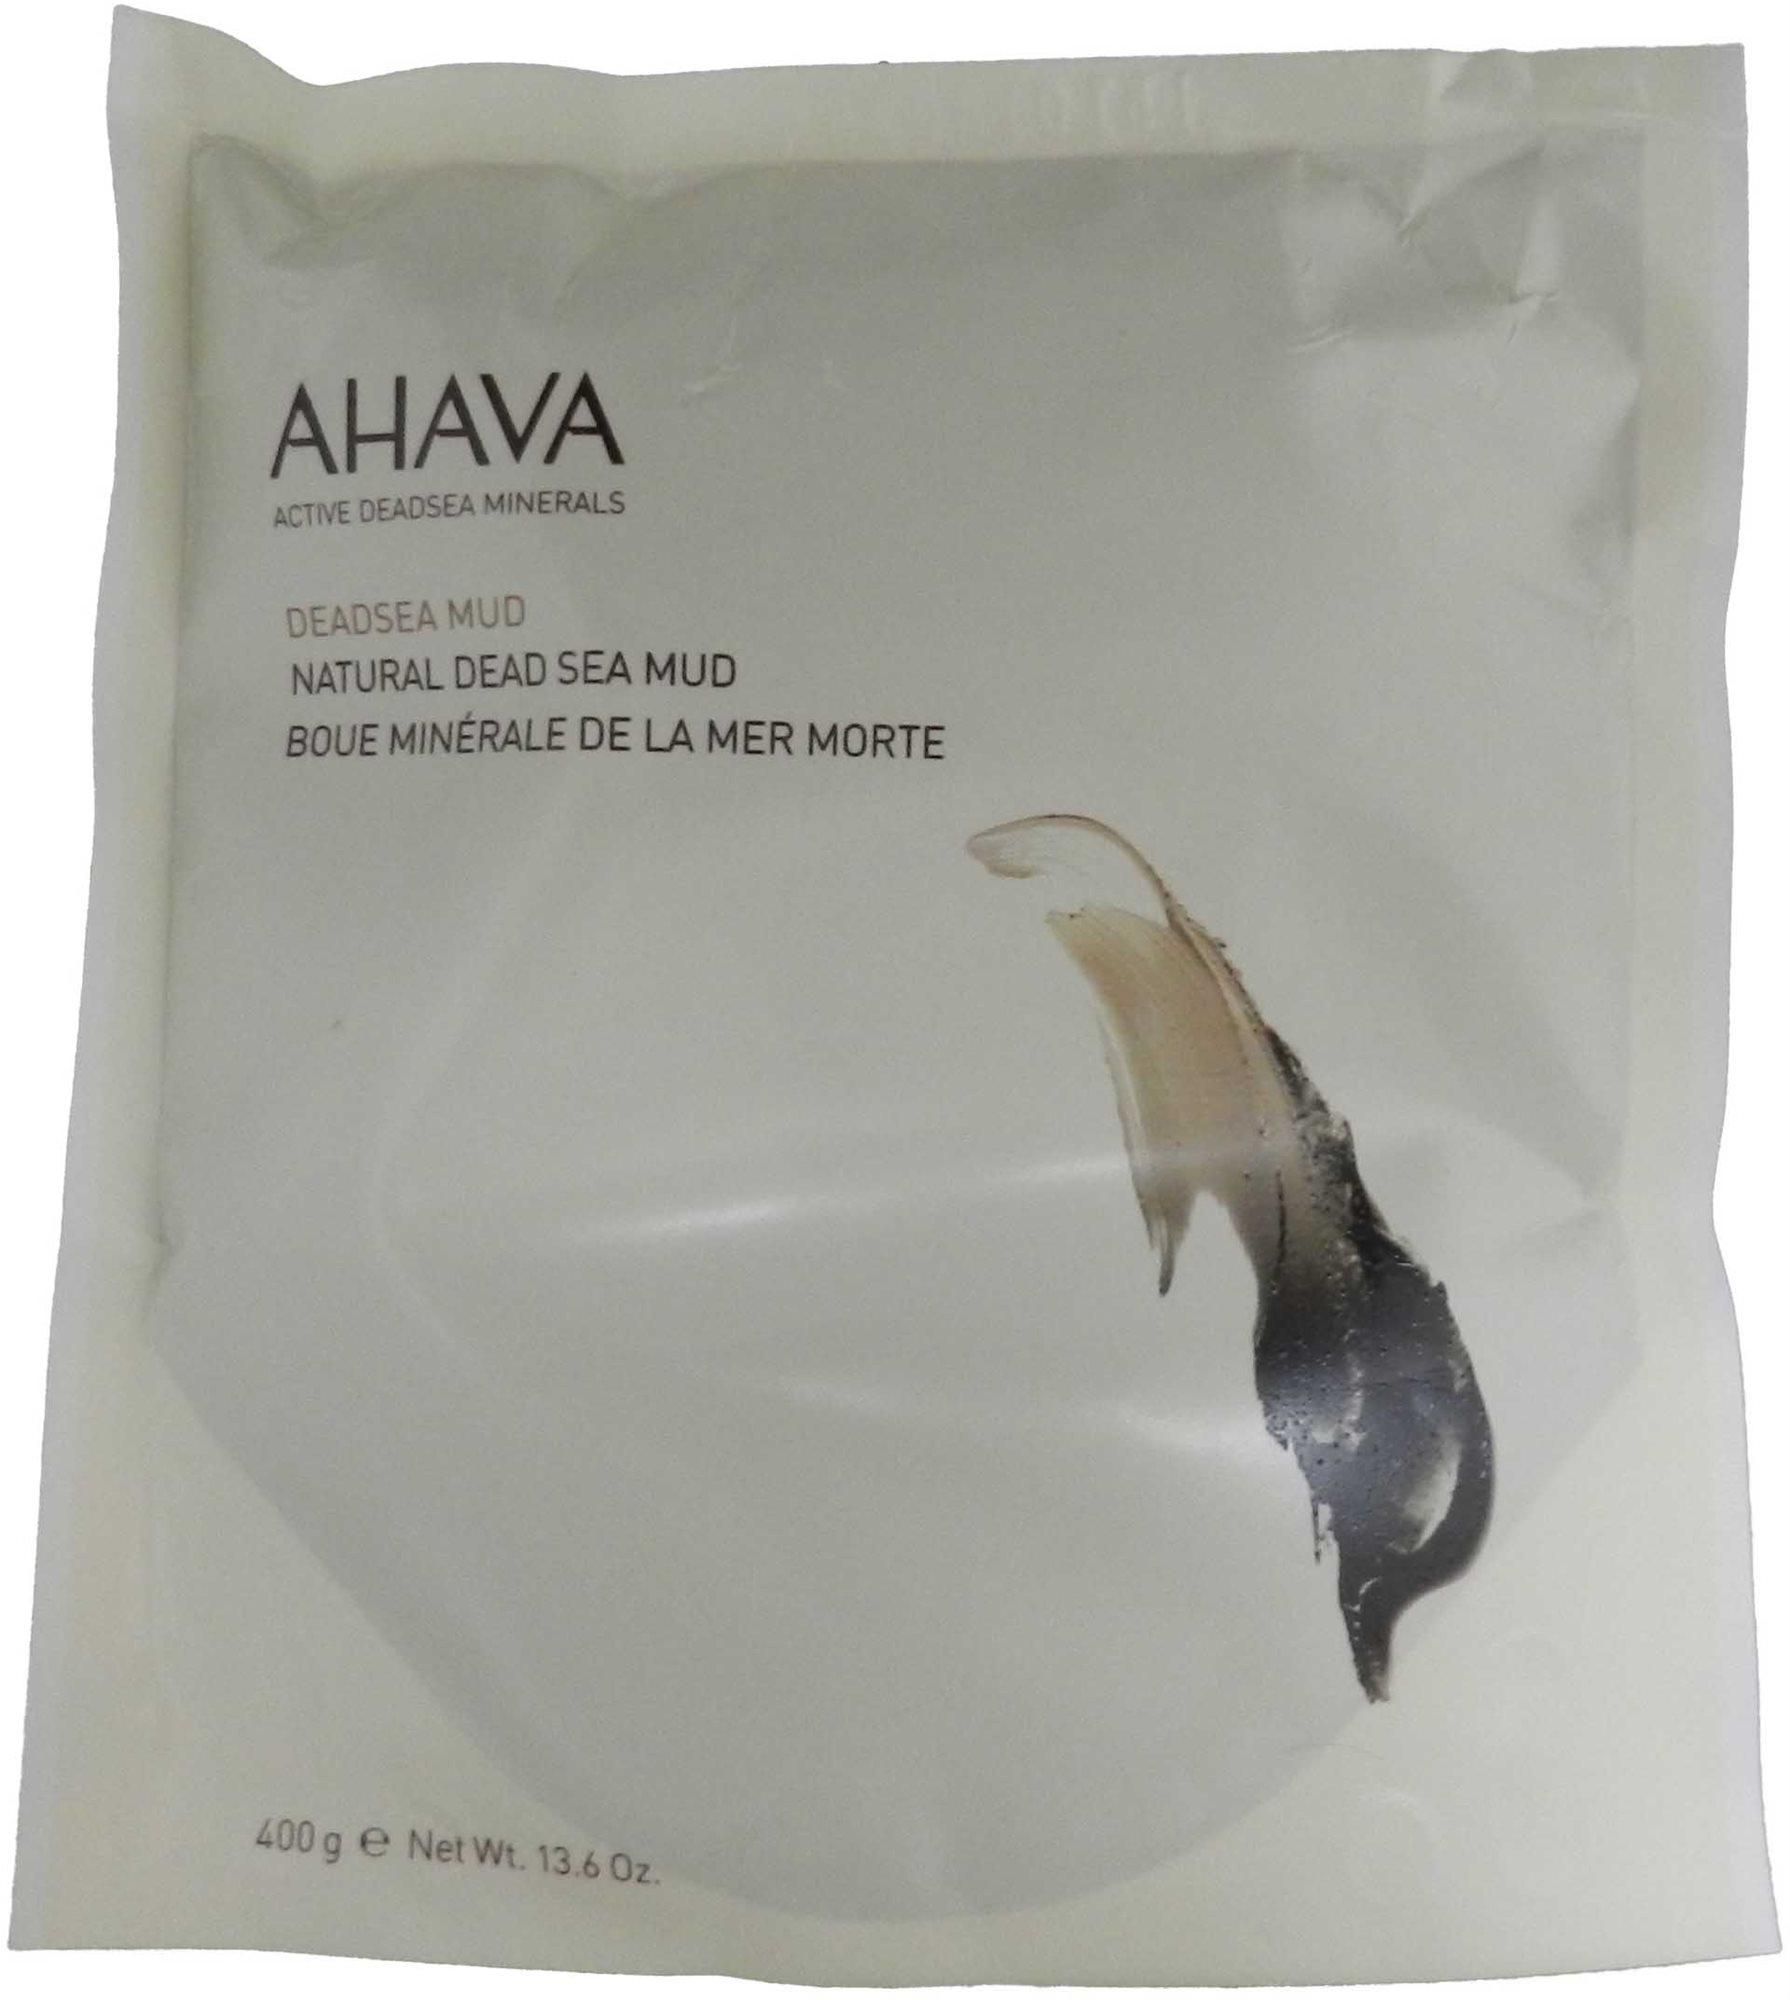 AHAVA Dead Sea Mud Natural Dead Sea Mud 400 g